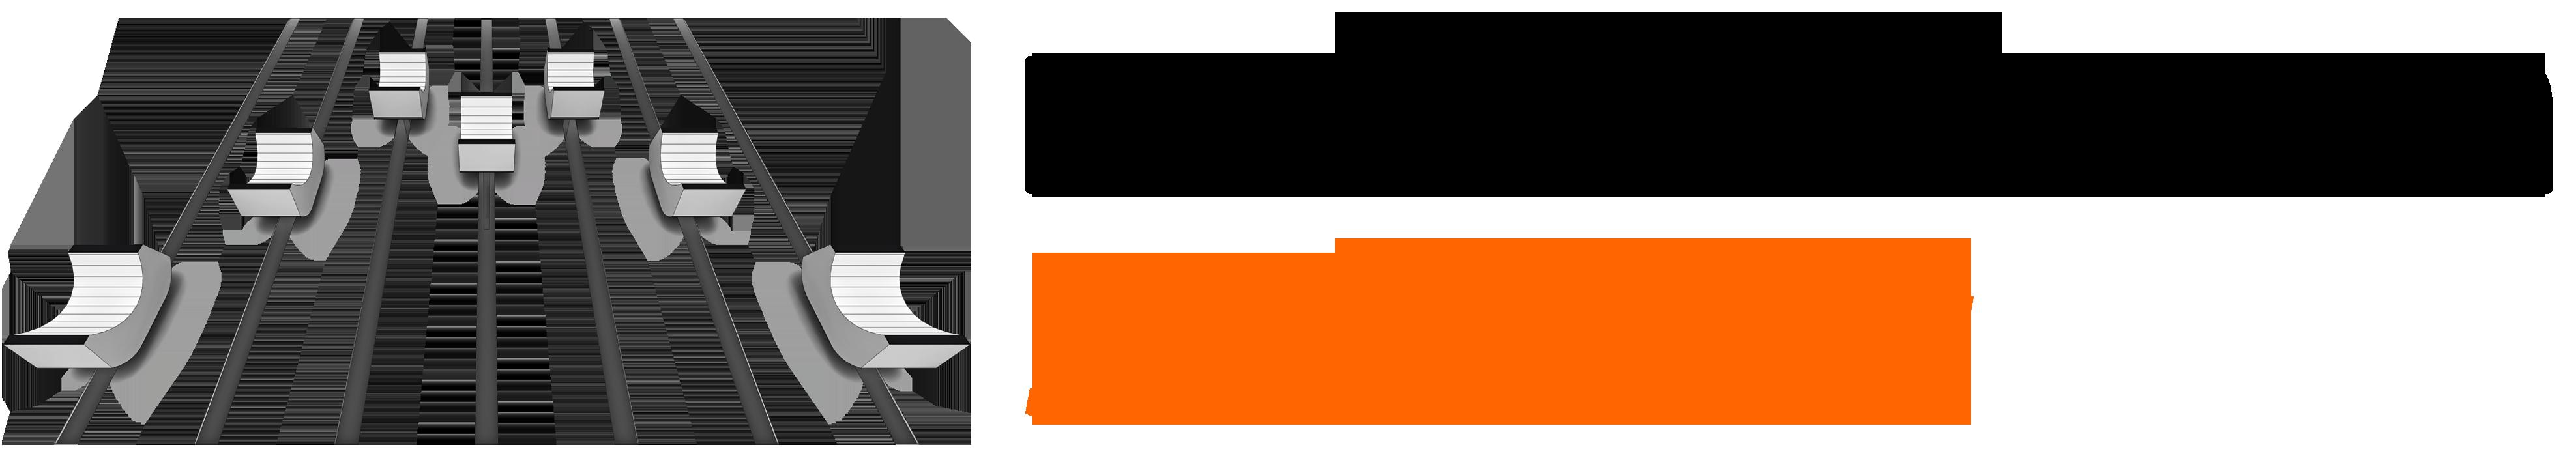 Mainstream Studio's